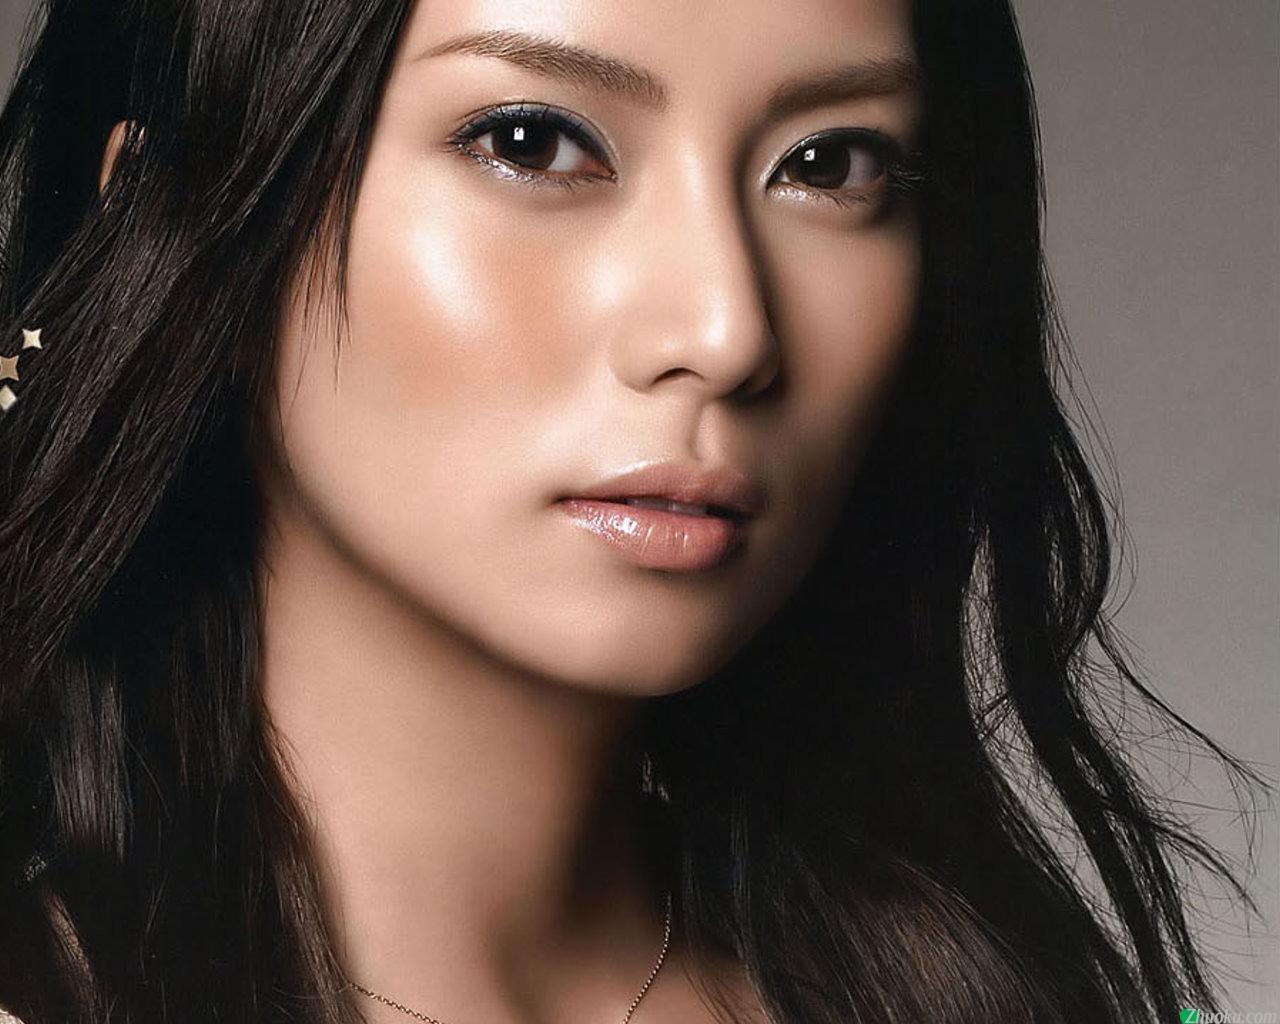 Макияж лица для азиатского типа лица фото